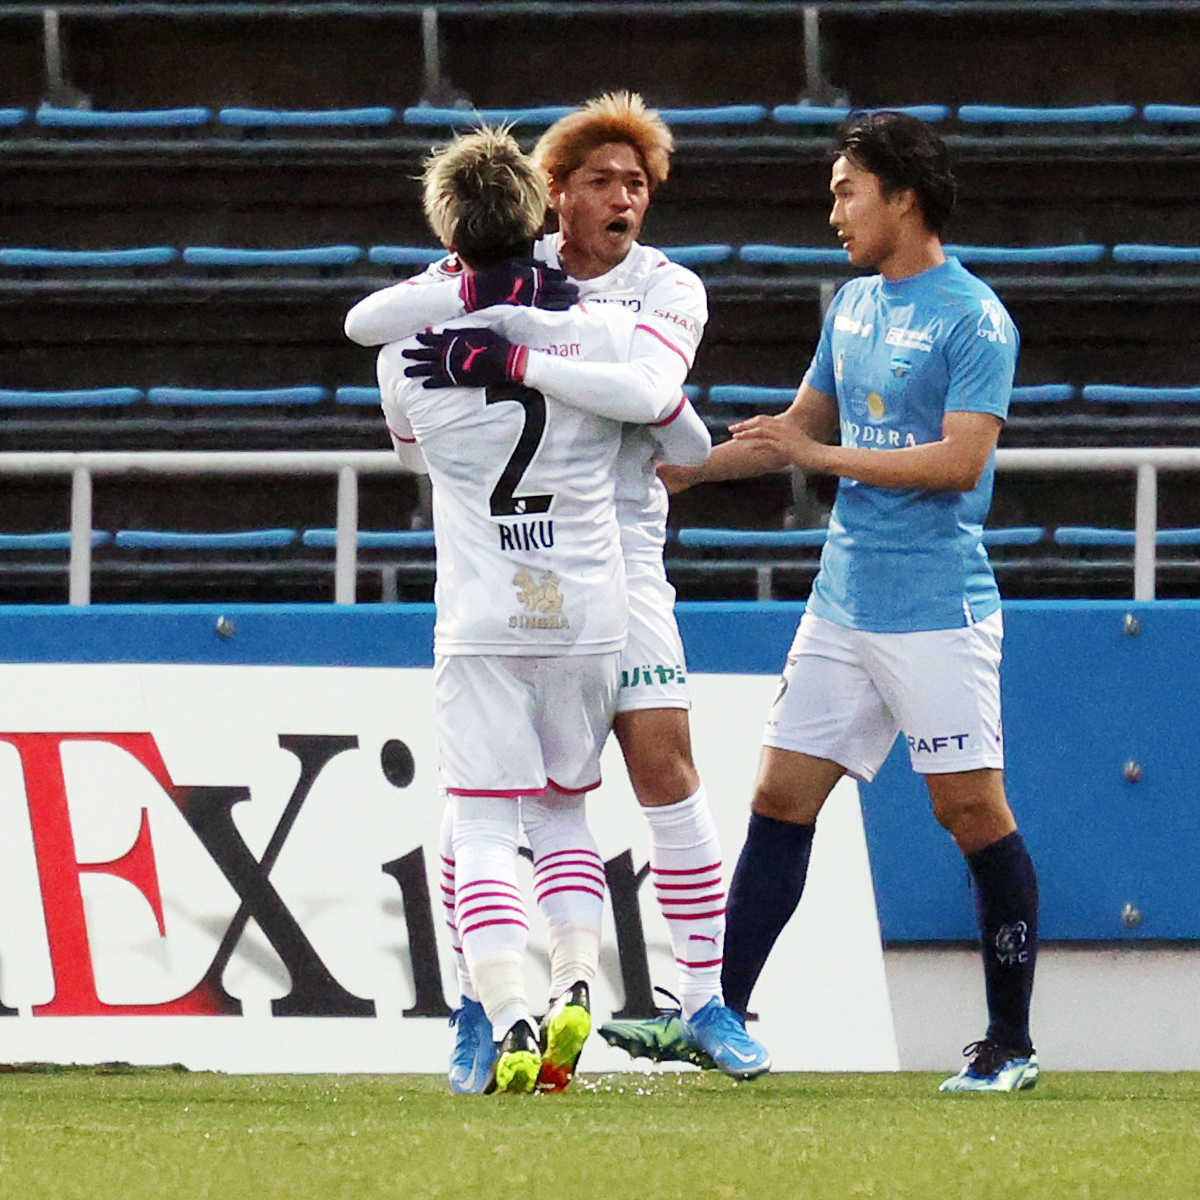 横浜FC対C大阪 前半、ゴールを狙うC大阪FW大久保(撮影・野上伸悟)